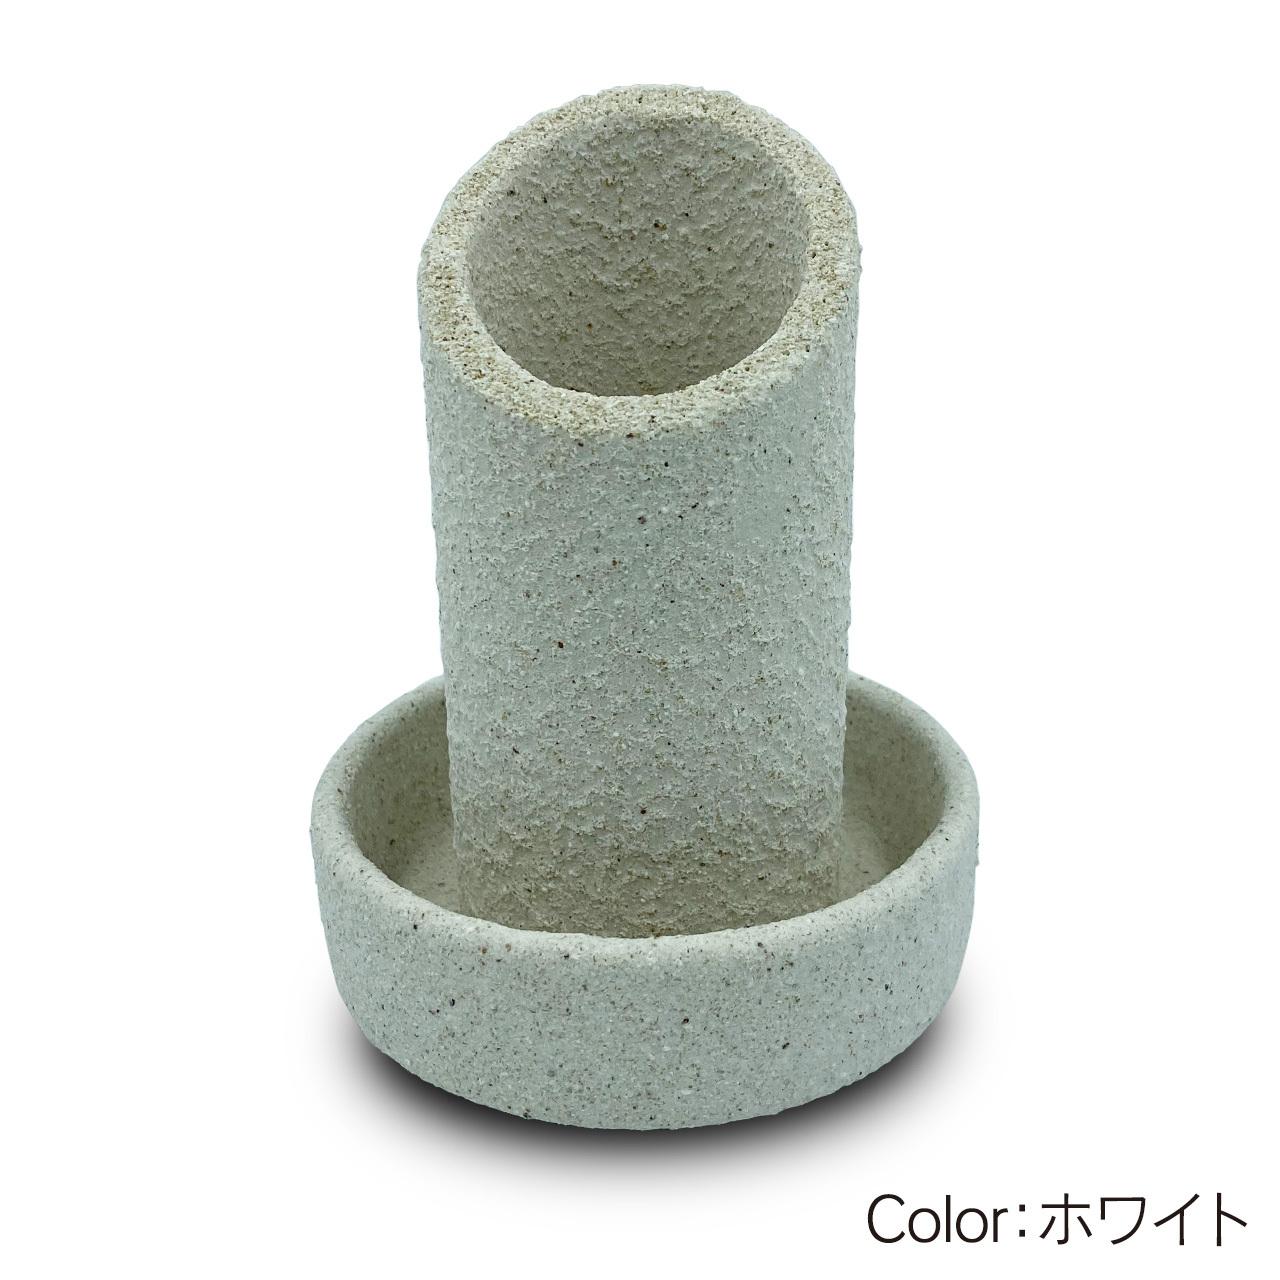 【日産陶業株式会社】陶製加湿器 MARU